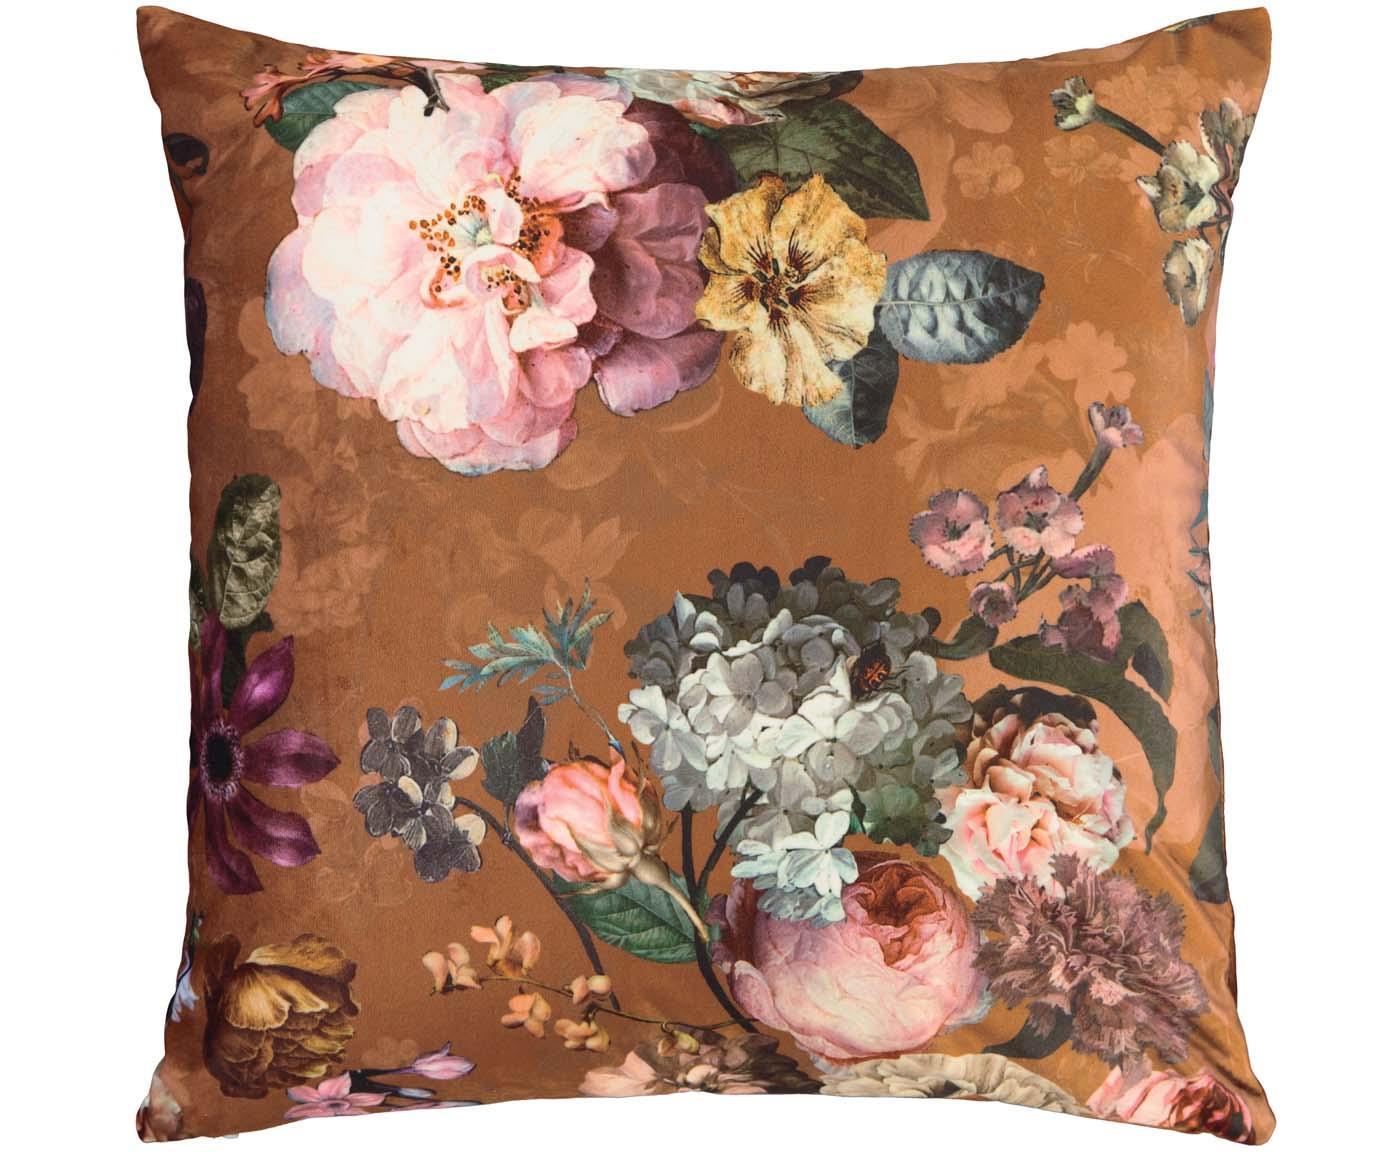 Fluwelen kussen Fleur met bloemmotief, met vulling, Bruin, multicolour, 50 x 50 cm